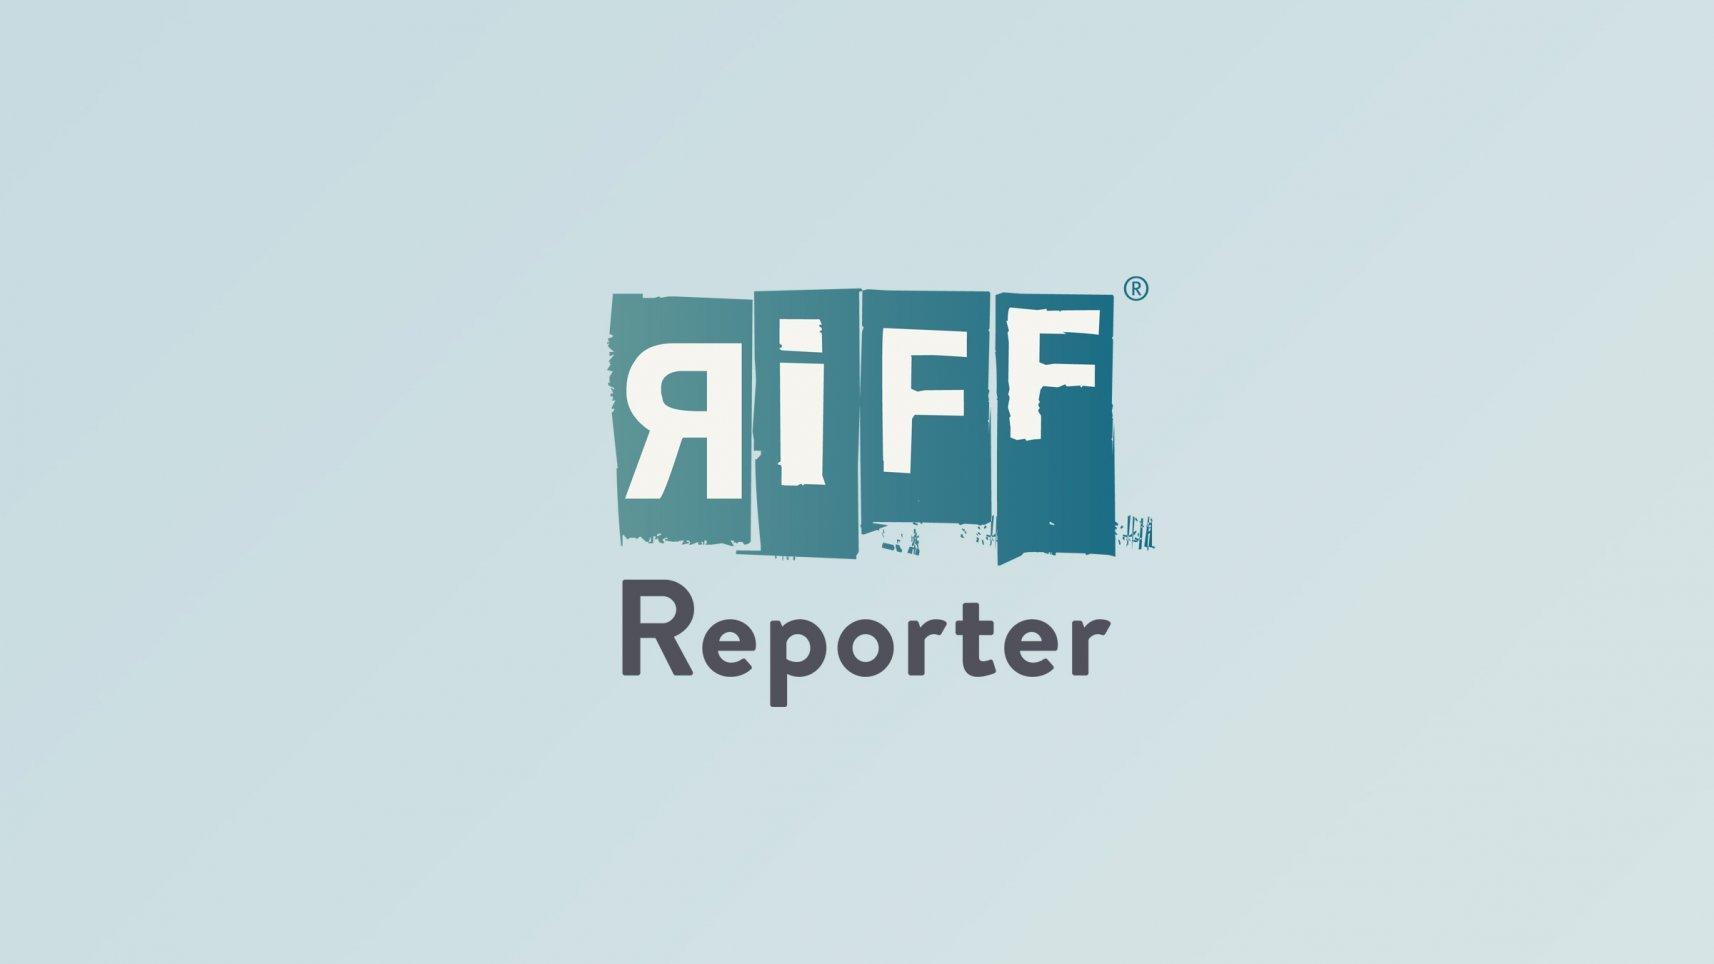 Kirstin Hegner, Managing Director des Digital Hub Mobility an der UnternehmerTUM in München